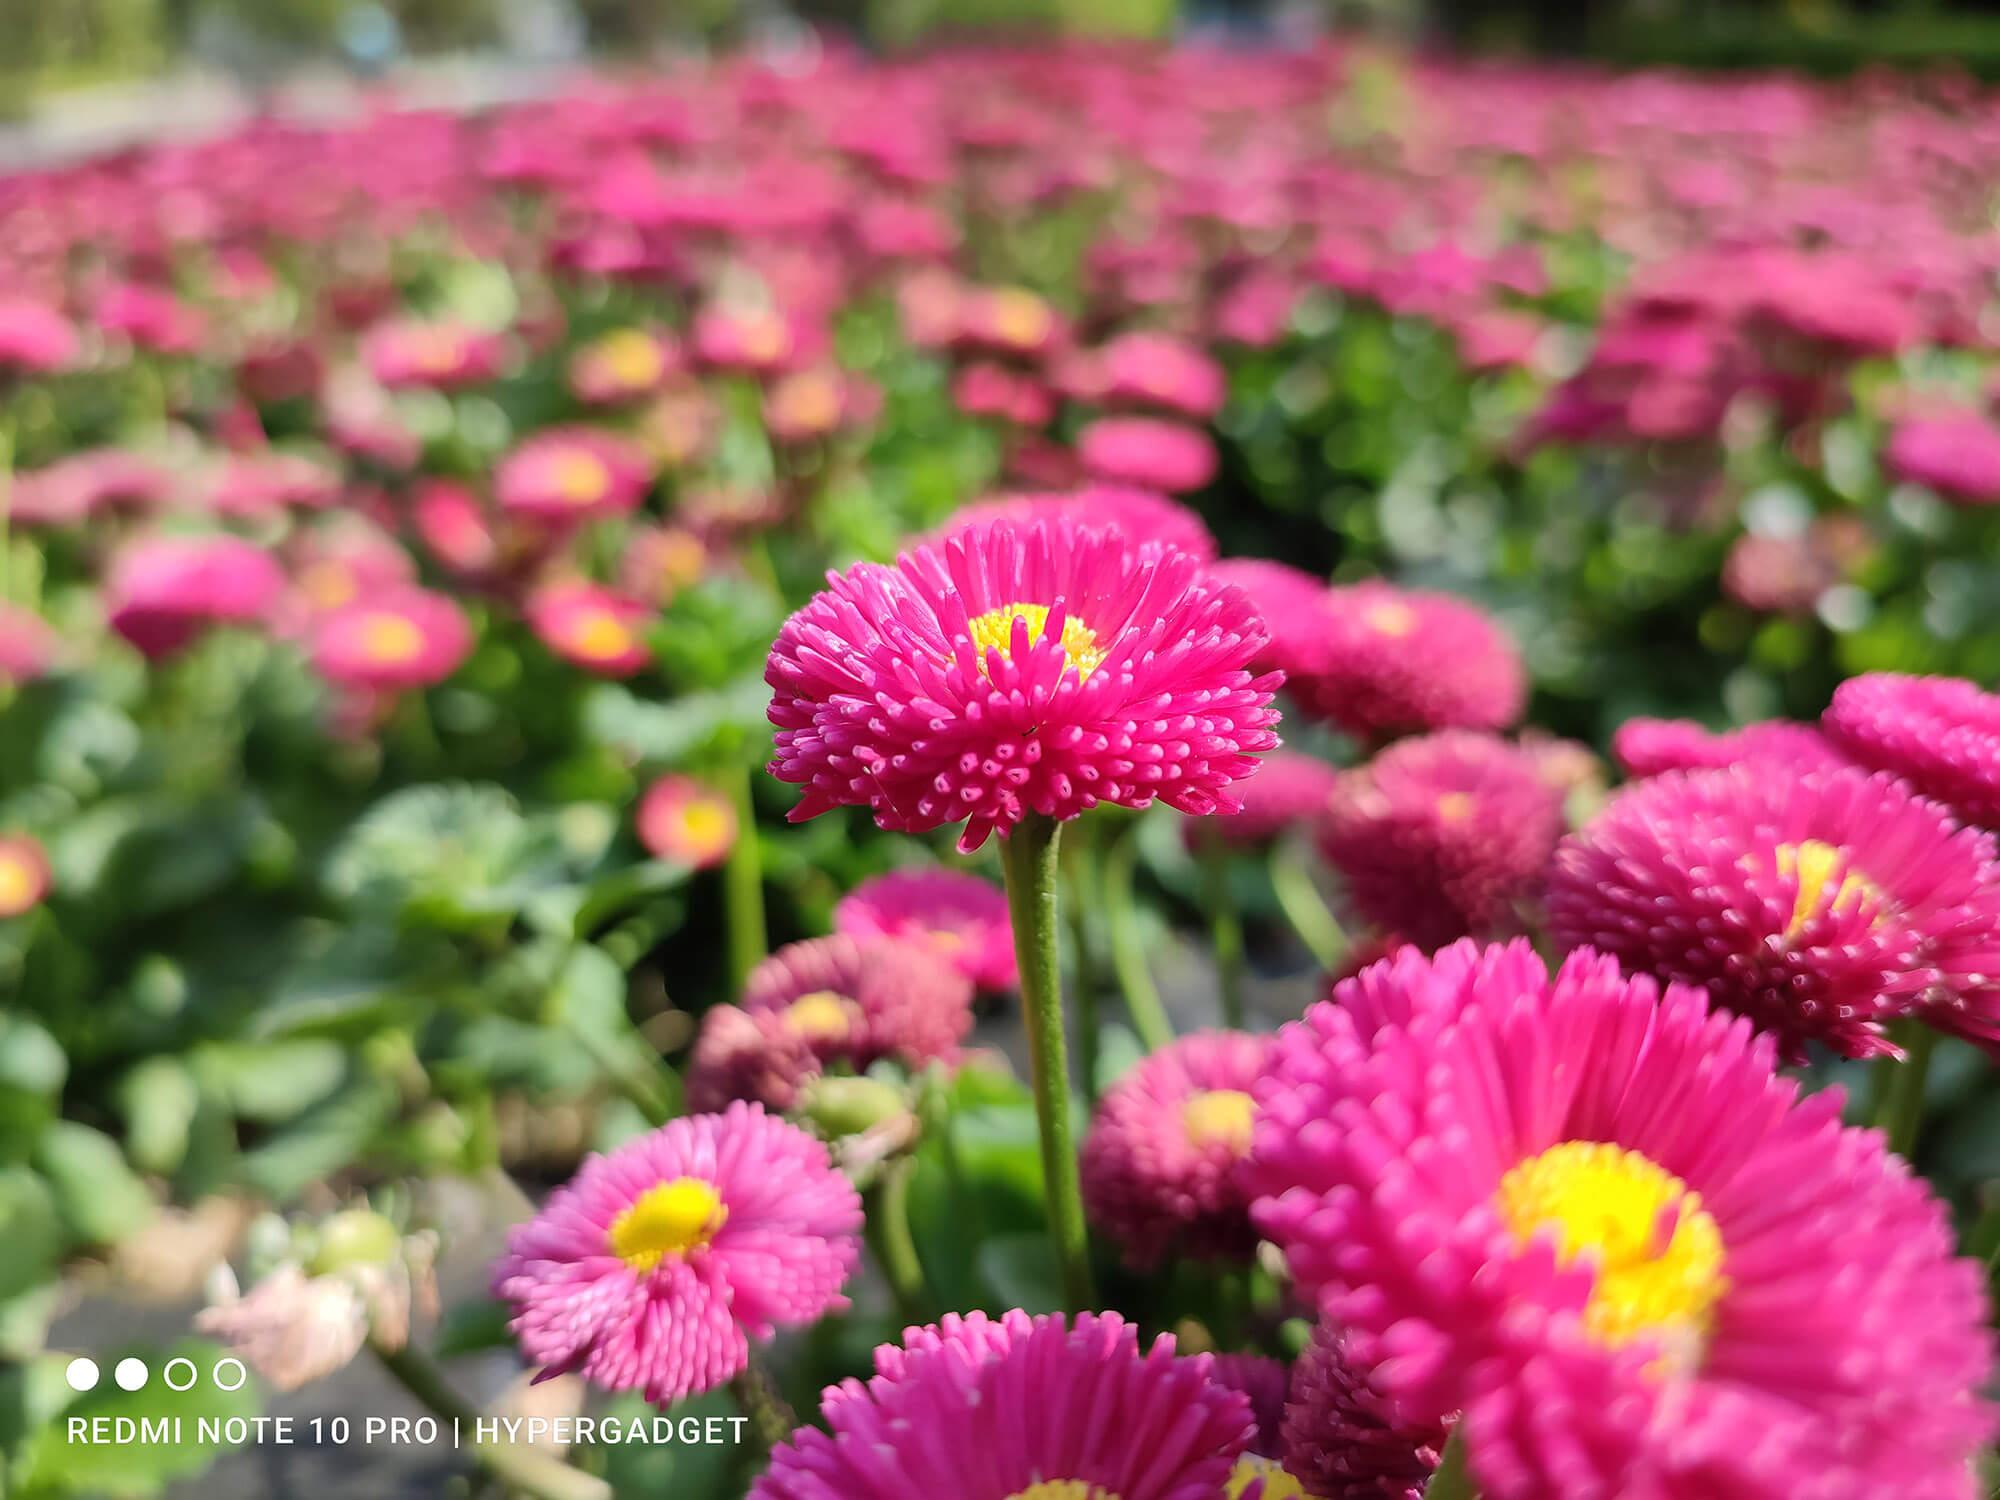 Redmi Note 10 Proで撮影したピンクの花の写真